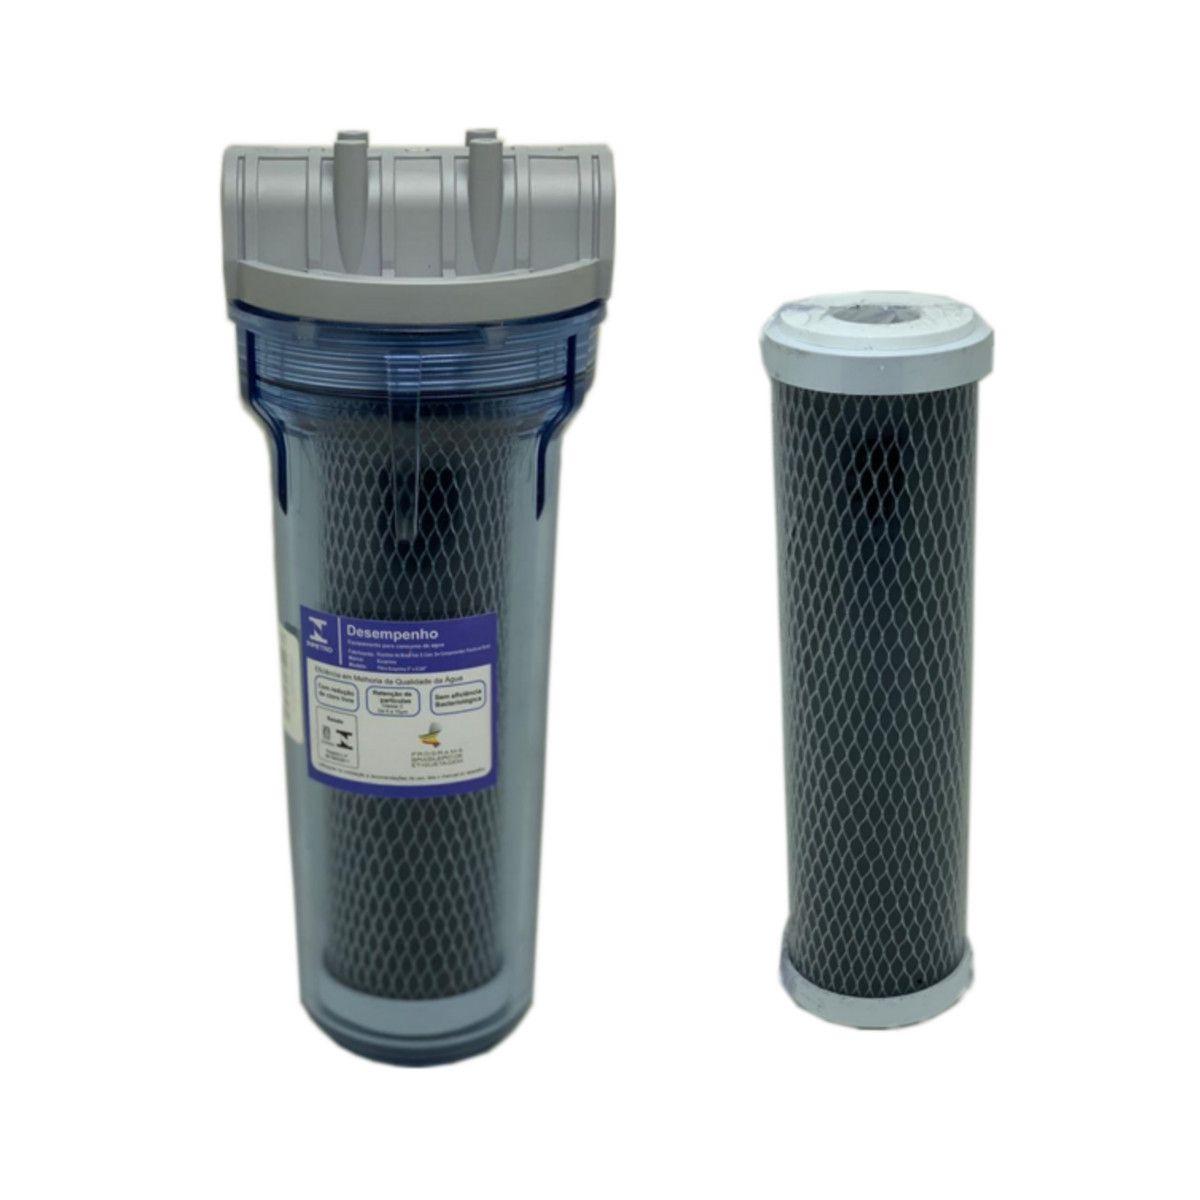 Filtro Transparente Pou 9.3/4 + Refil